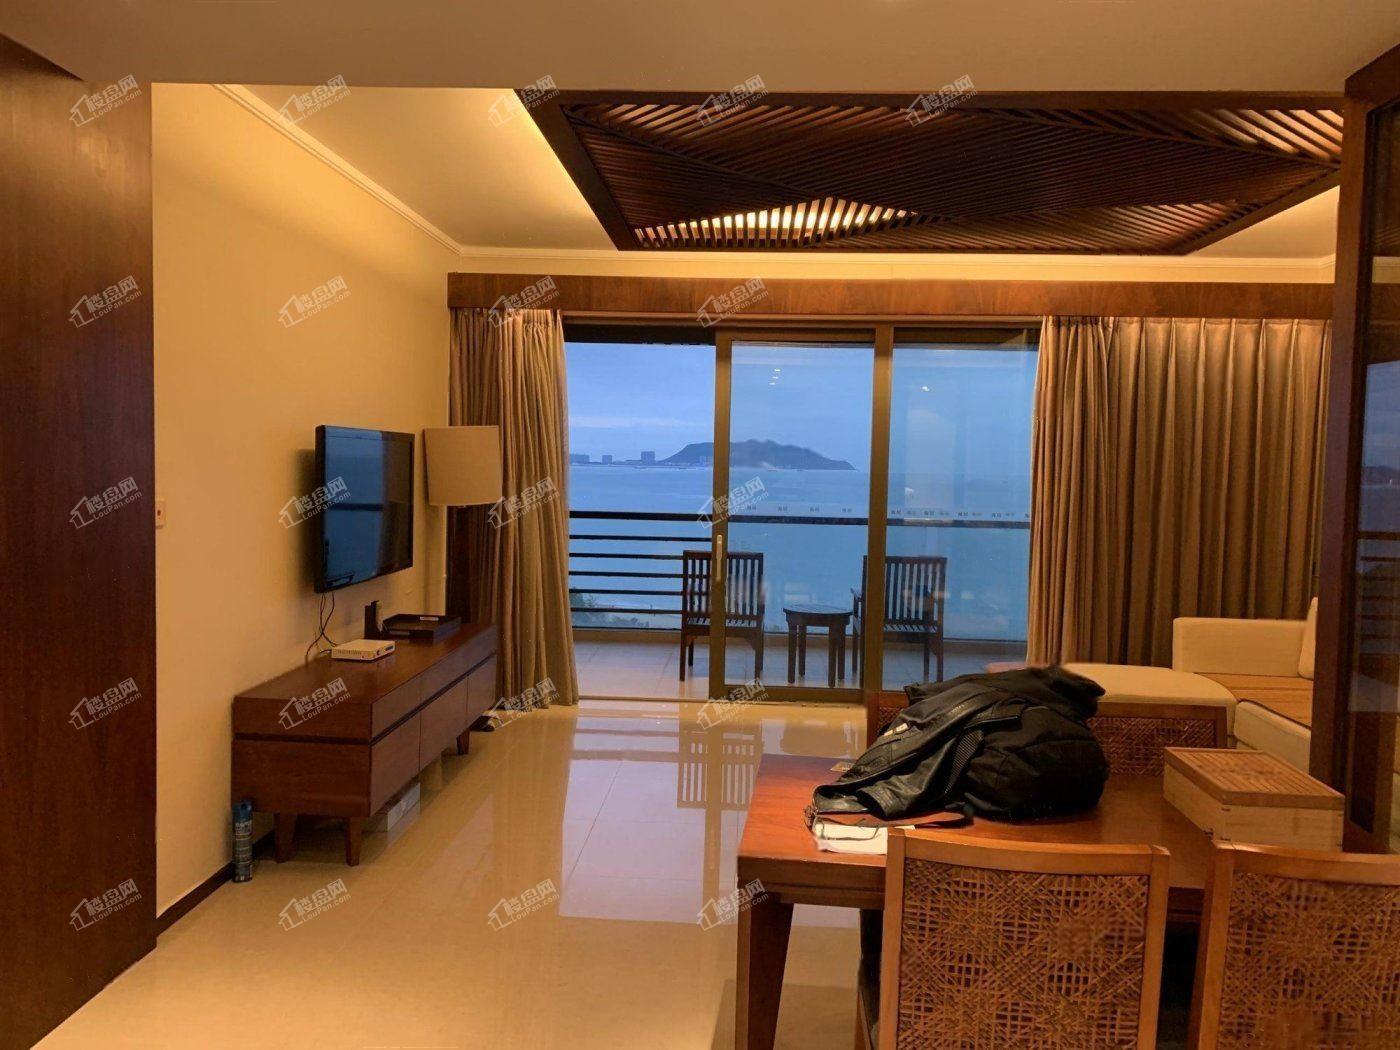 海居国际度假屋